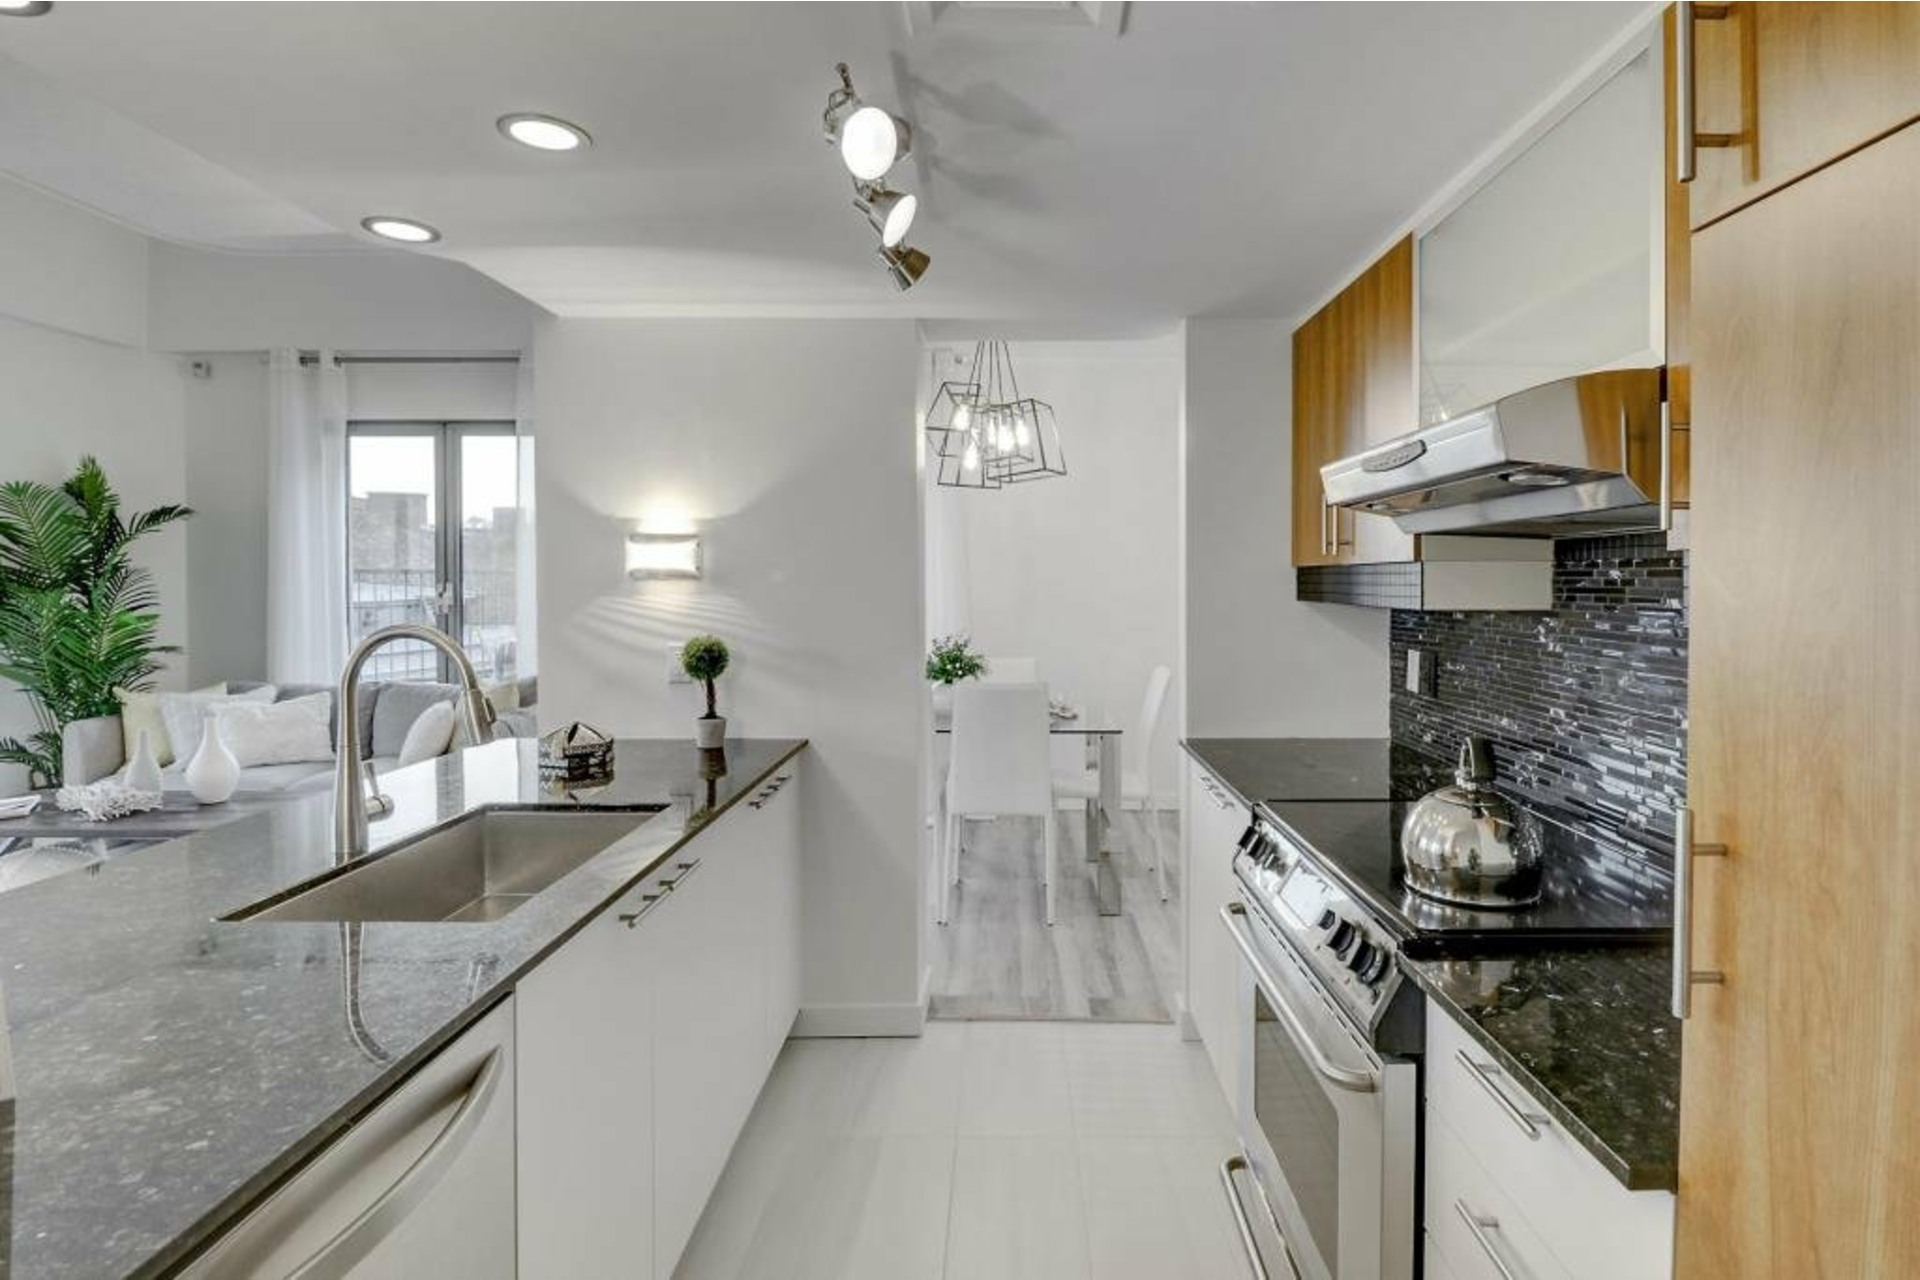 image 6 - Apartment For rent Ville-Marie Montréal  - 4 rooms